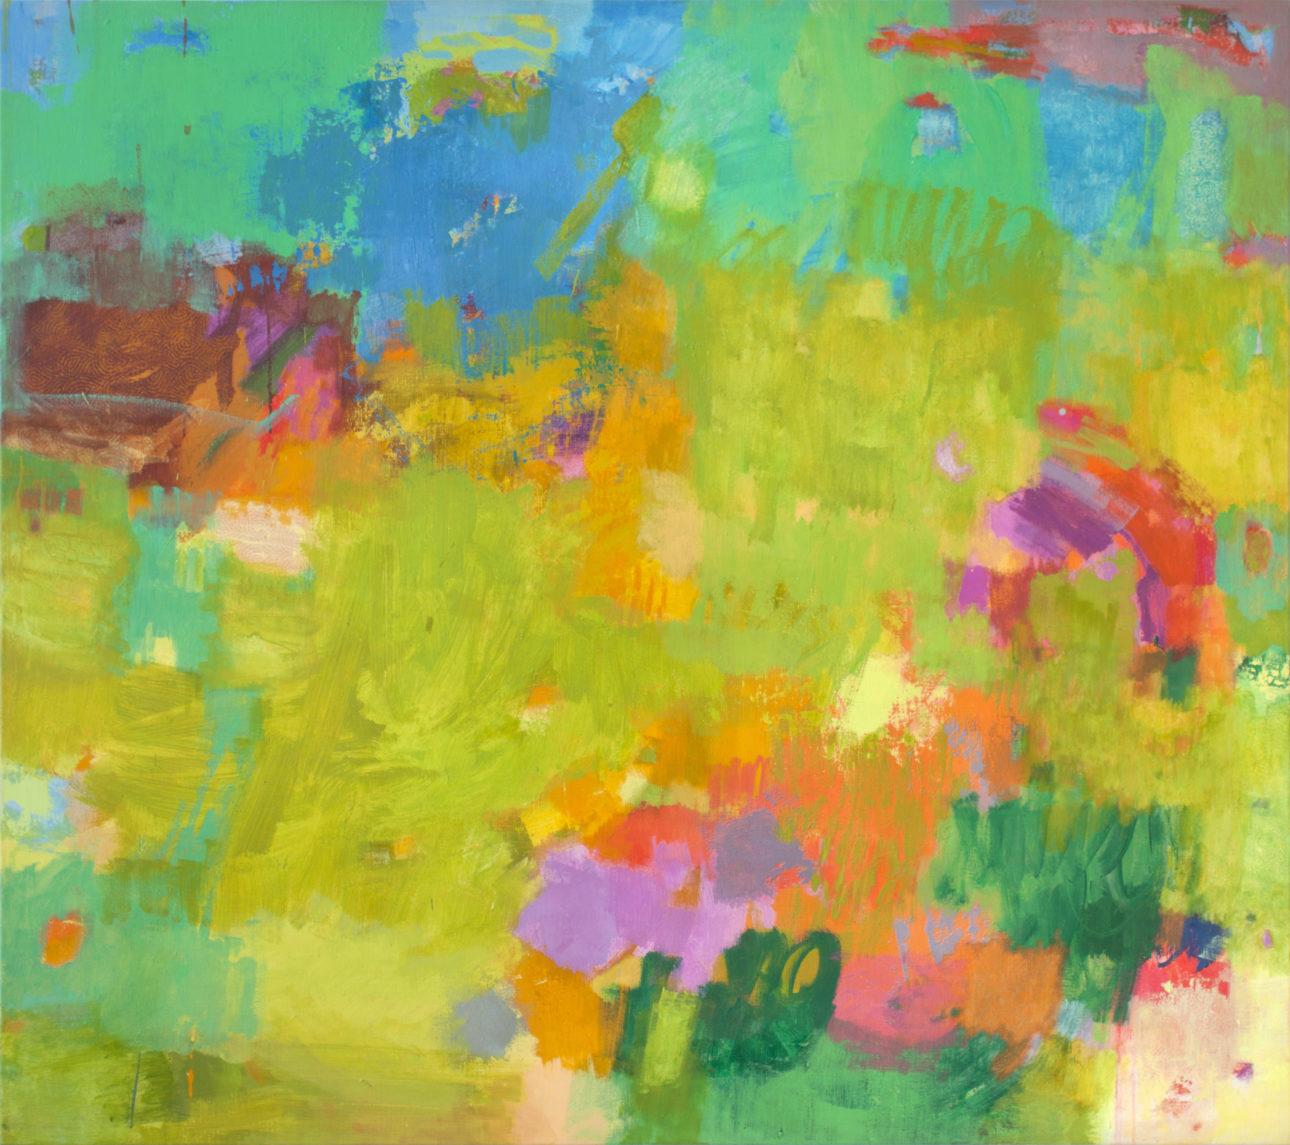 Amerell, Petra_ohne Titel_2019_Pigmente und Binder auf Leinwand_160 x 180 cm